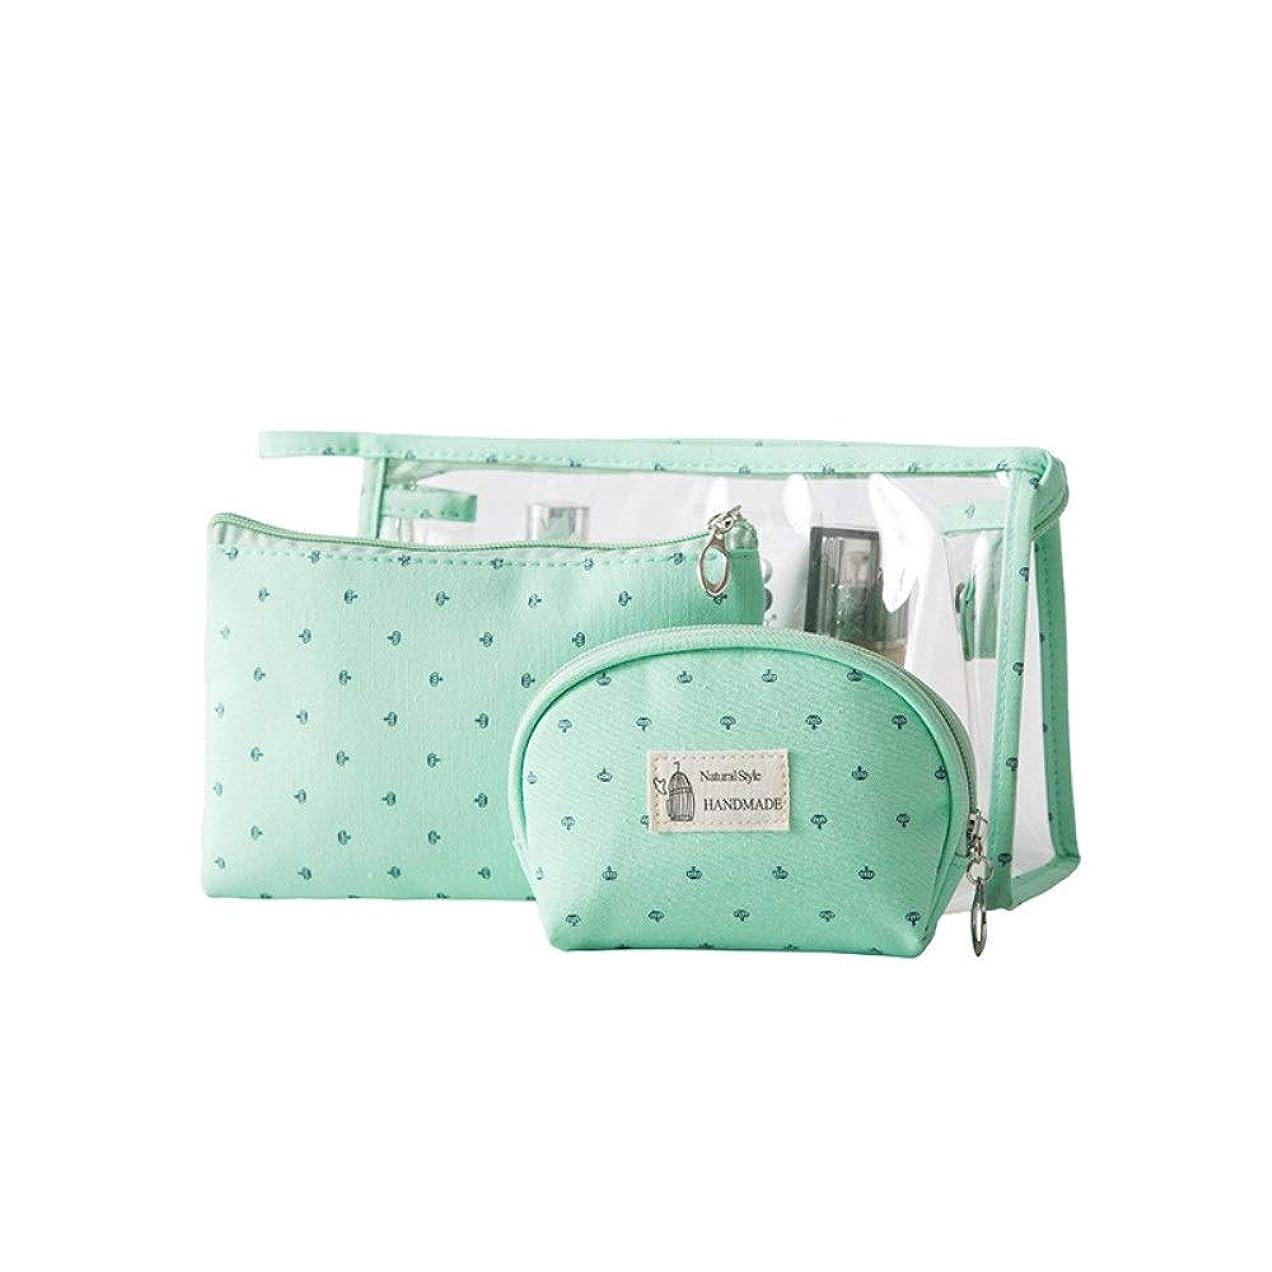 従順ウェイド改善旅行オーガナイザー 無地旅行男性と女性透明PVC化粧品袋3個セット屋外旅行ウォッシュバッグ財布 (Color : Green, Size : Free size)